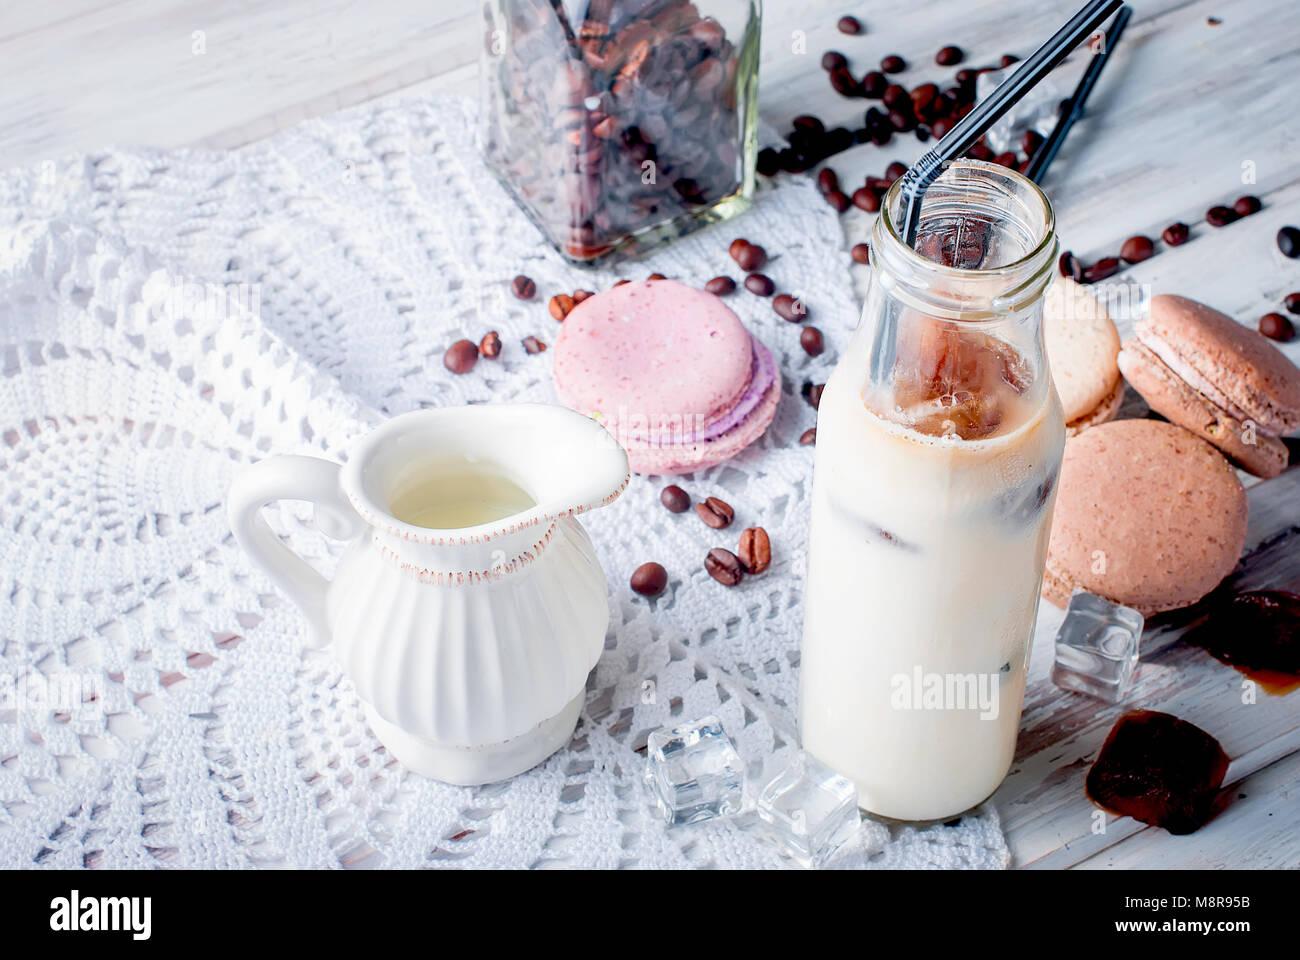 Glace café en verre, macarons,, morceaux de chocolat et les grains de café sur une table gris , vue d'en haut, copy space Banque D'Images